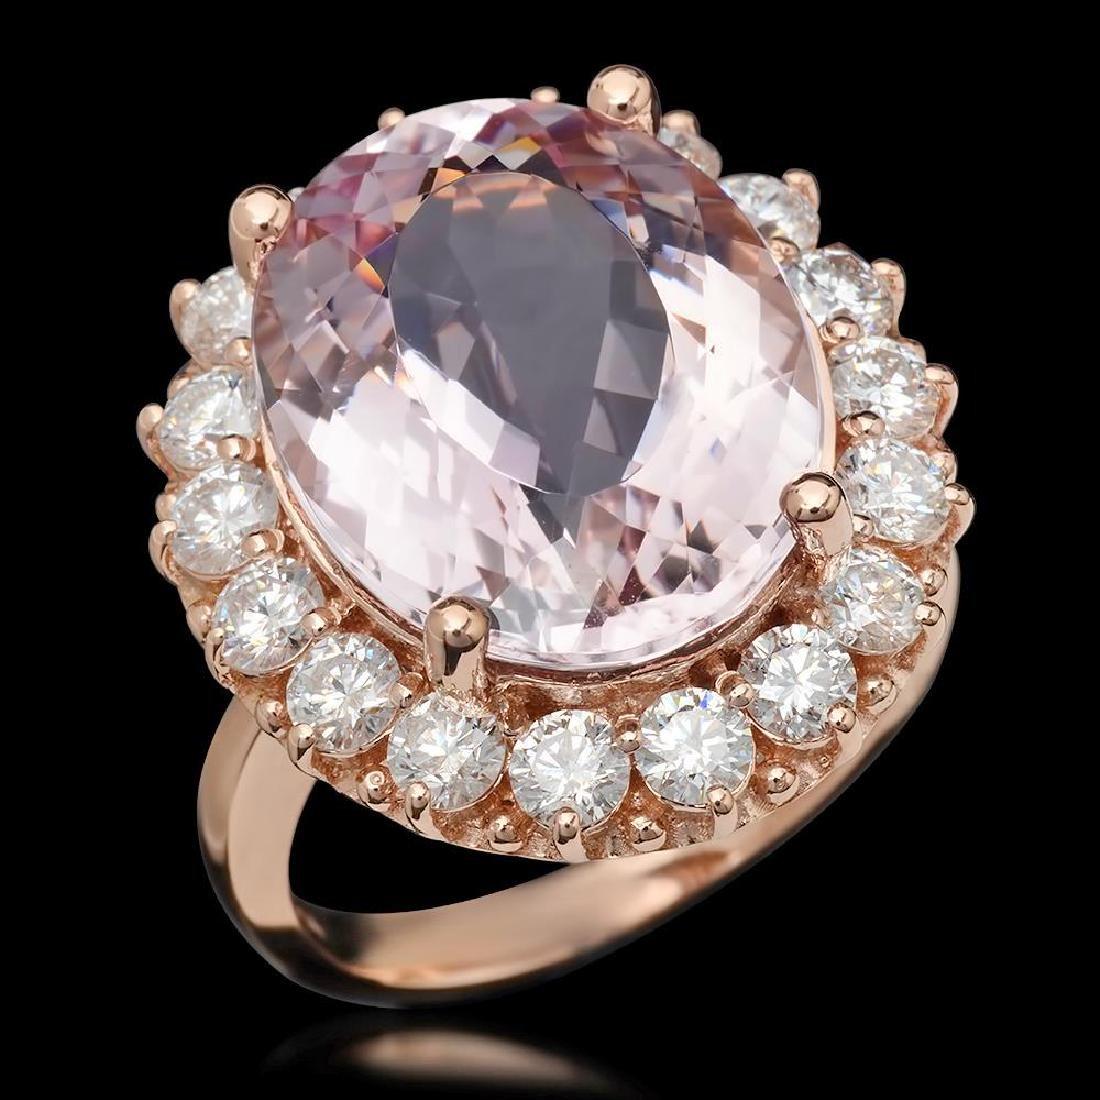 14K Gold 13.13ct Kunzite 2.22ct Diamond Ring